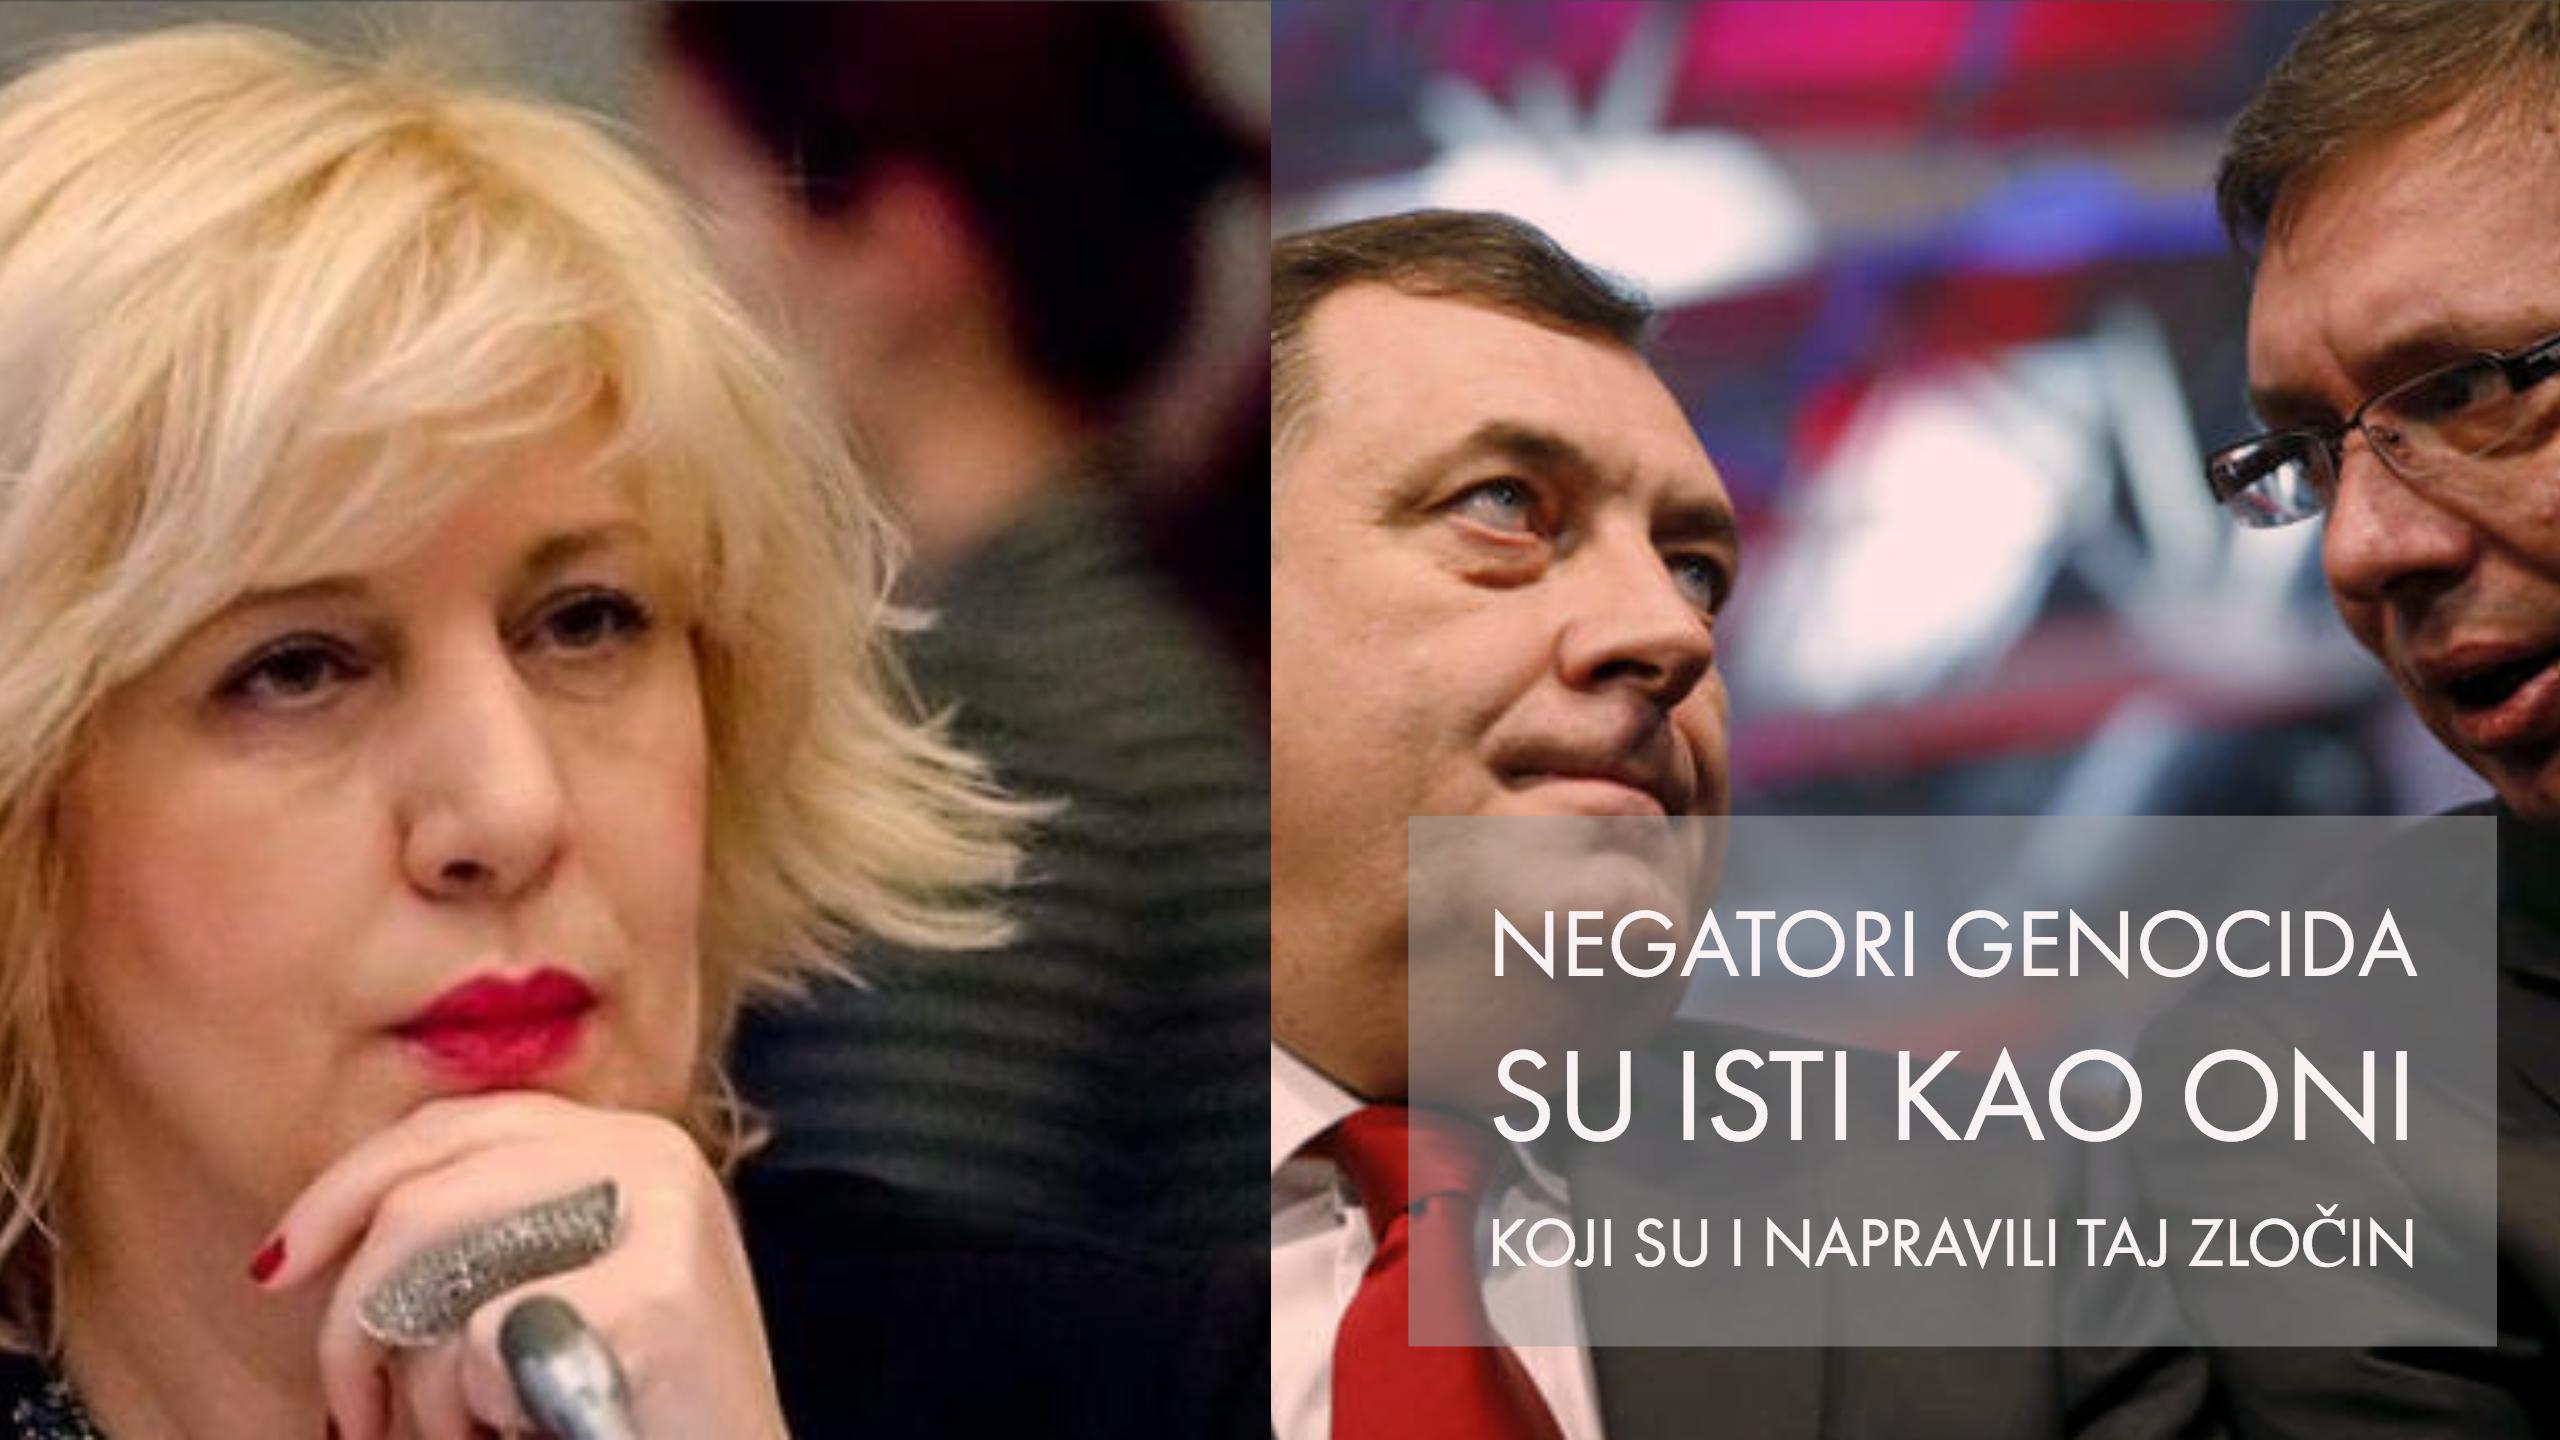 Dunja Mijatović: Genocid u Srebrenici nije se desio slučajno